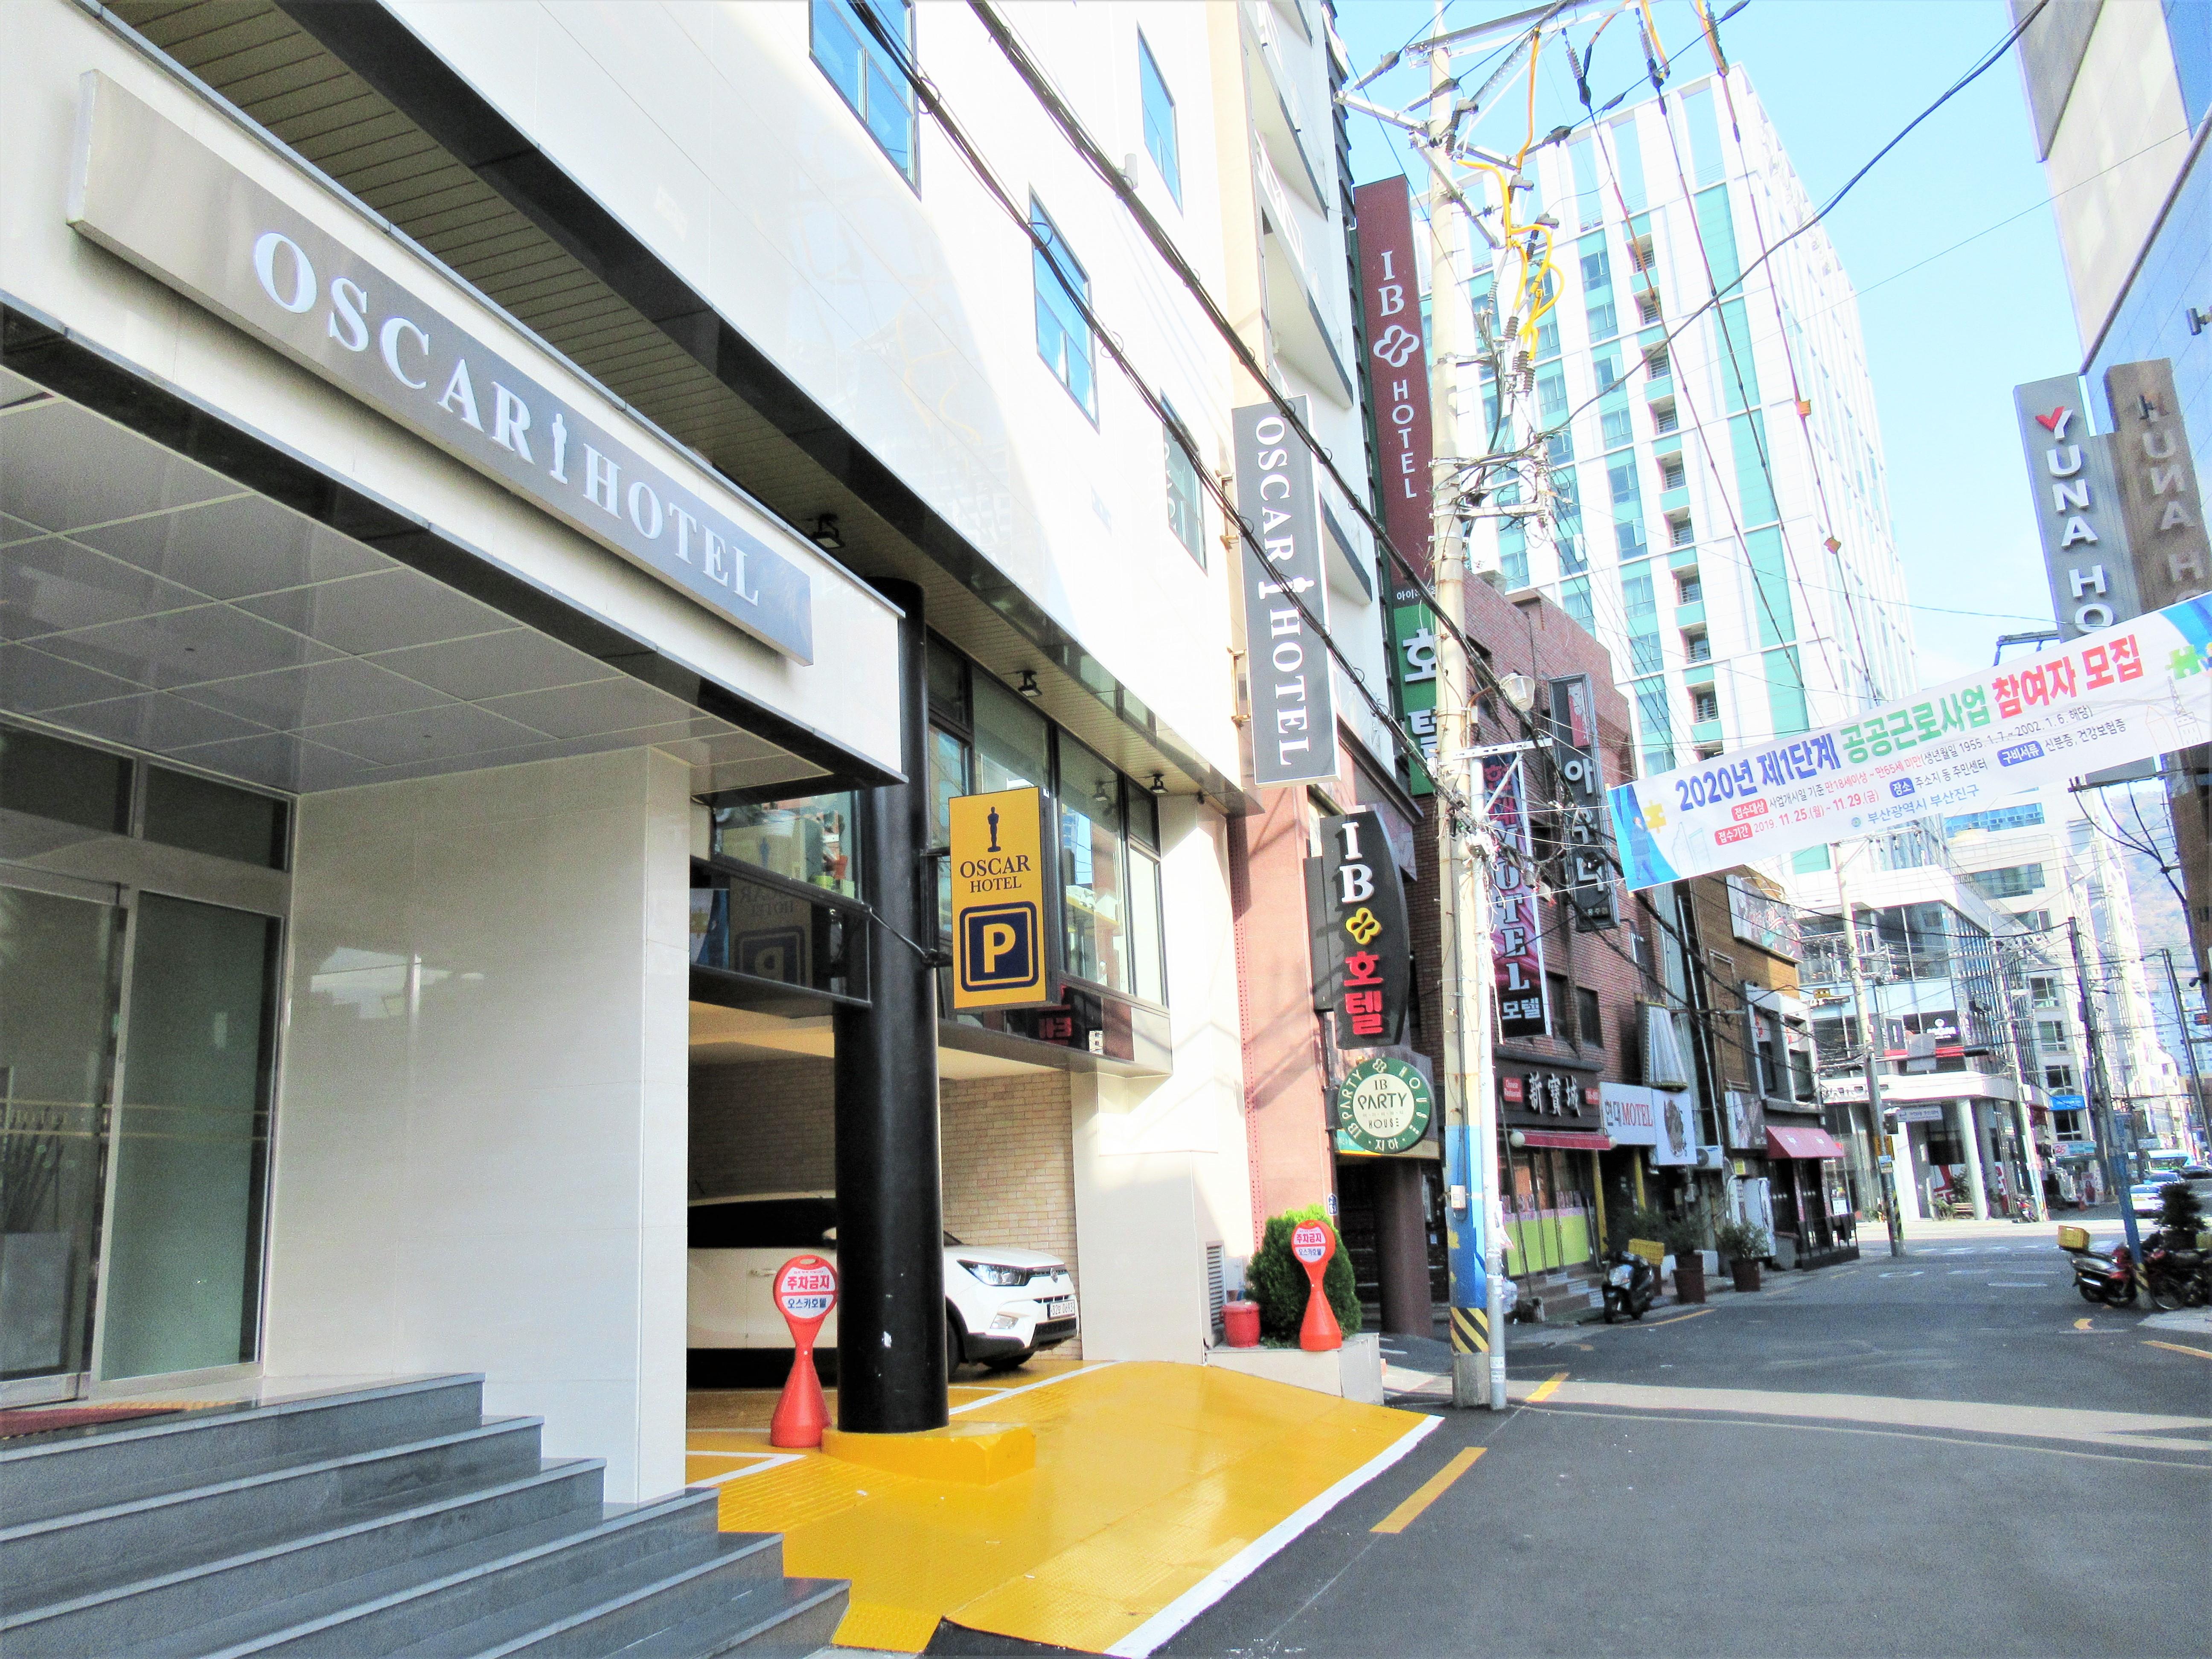 【オスカーホテル】西面での宿泊は快適!部屋によって雰囲気が違って面白いをレビューで紹介|韓国ブログ旅